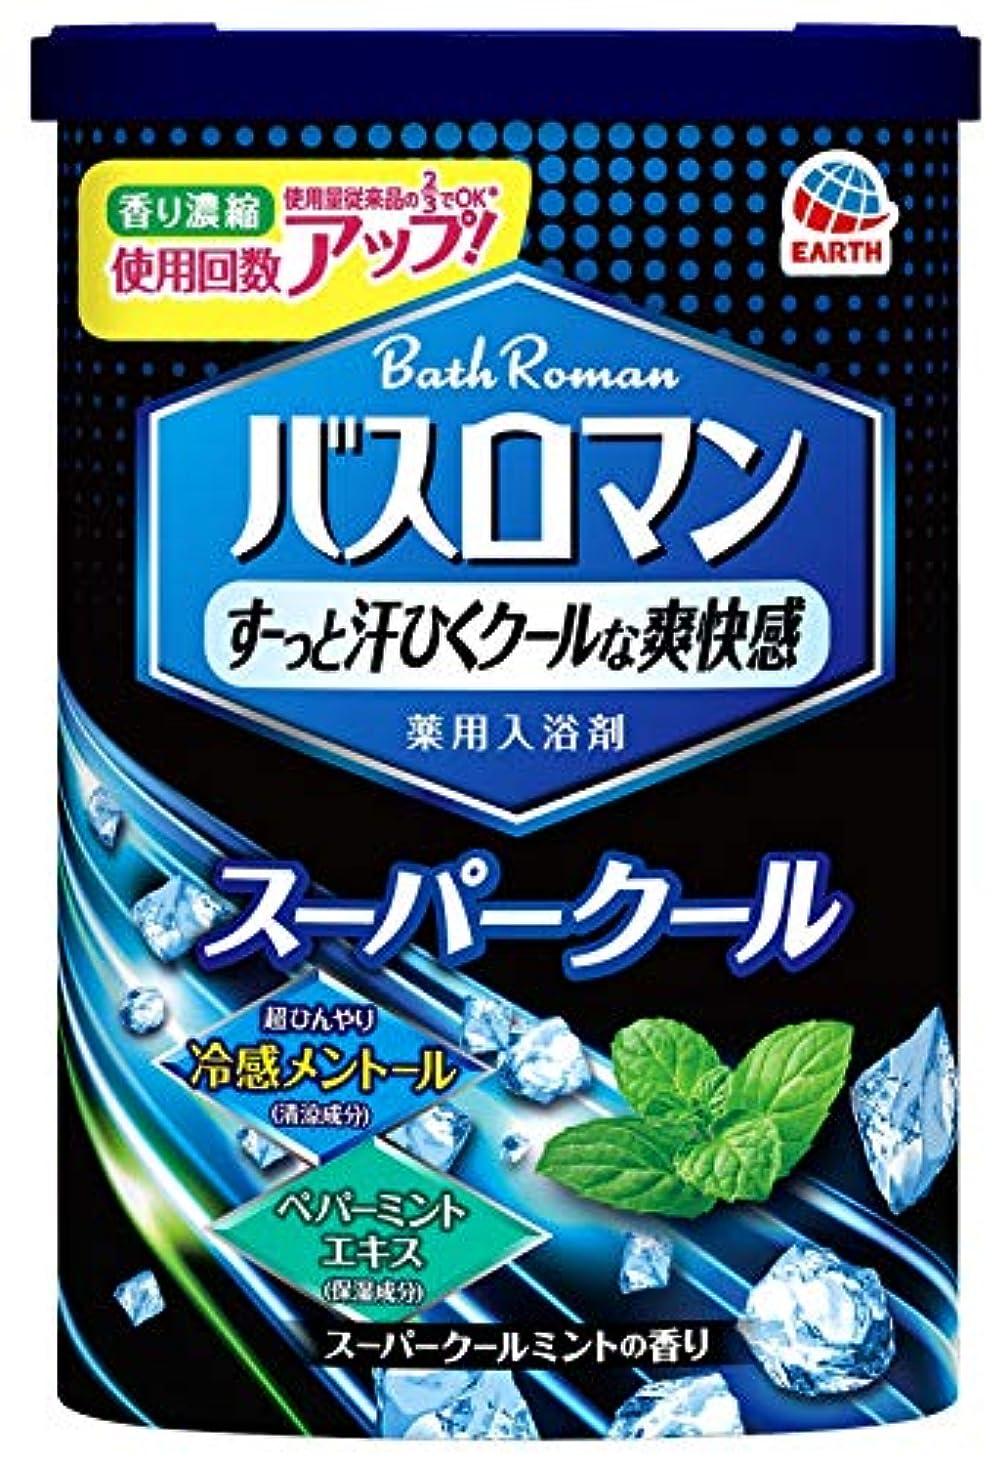 交通ソビエトアコー【医薬部外品】バスロマン 入浴剤 スーパークールタイプ [600g]